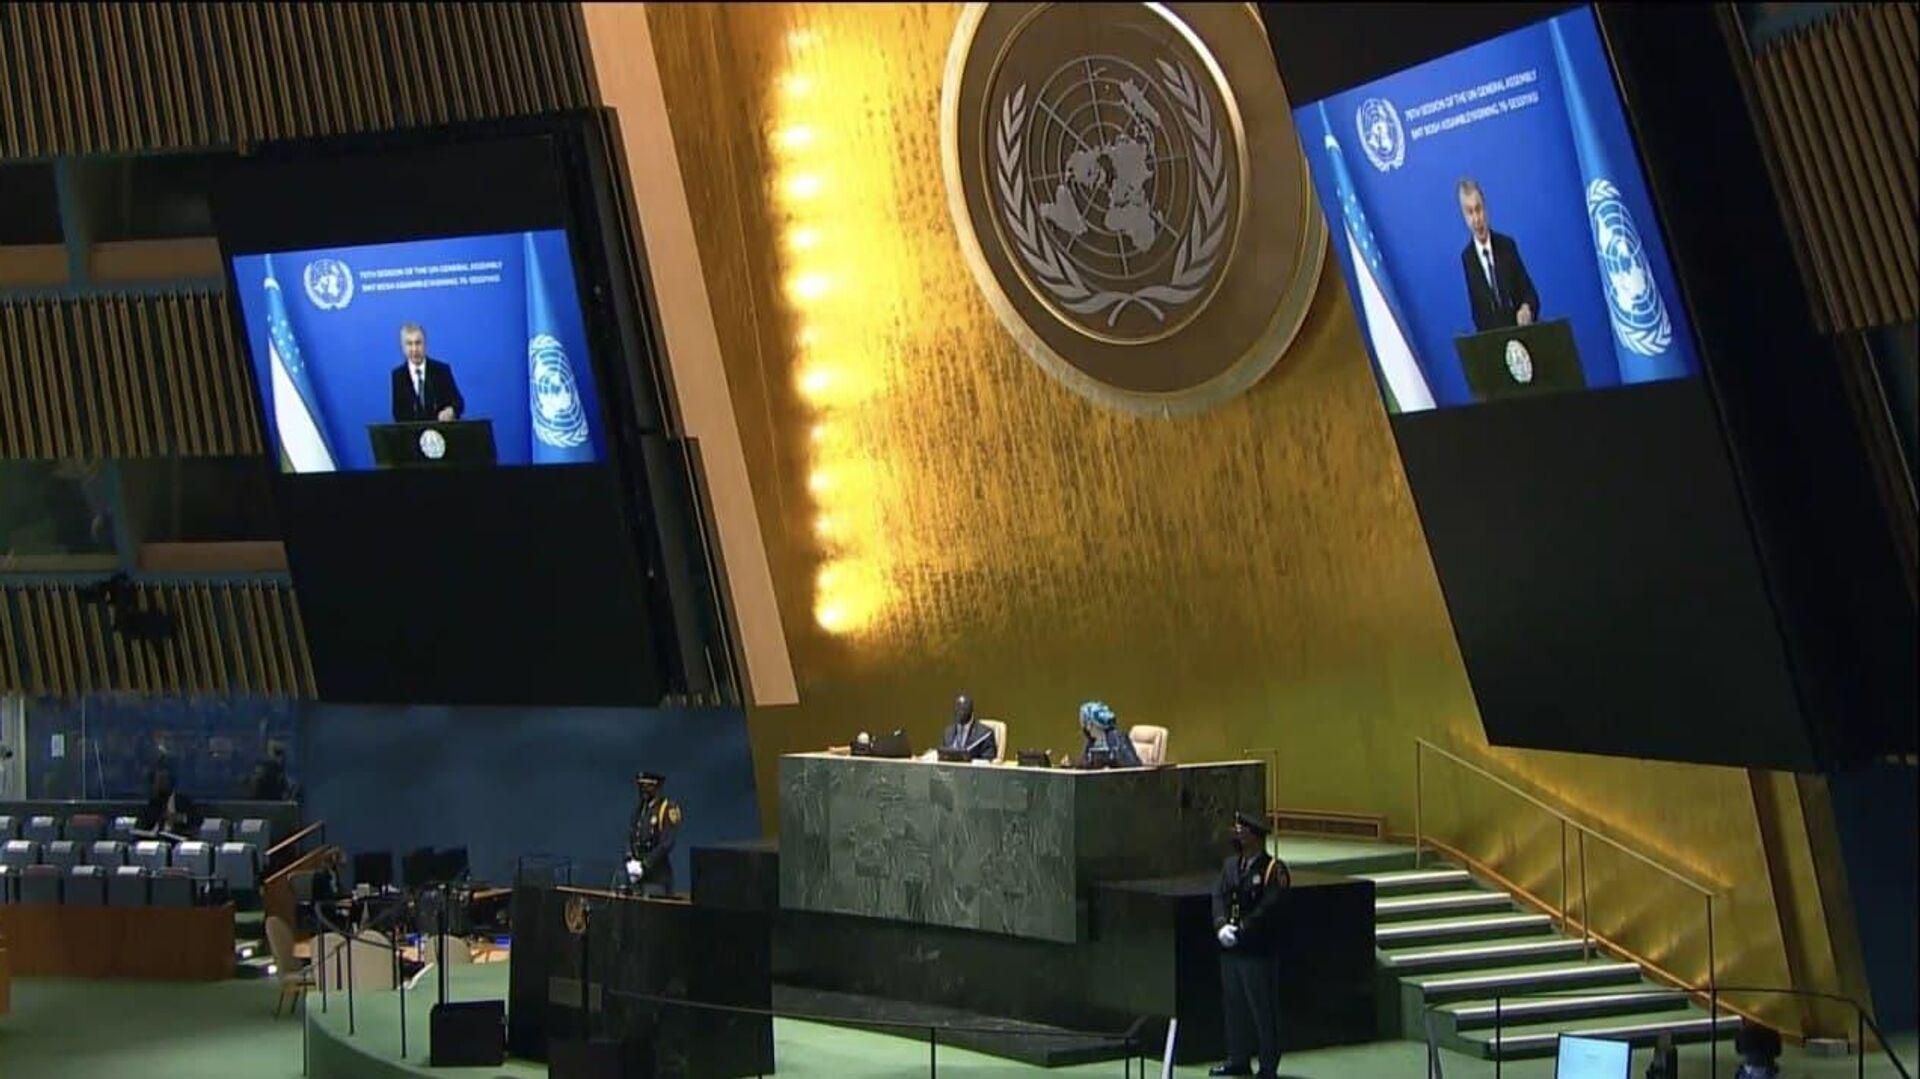 Шавкат Мирзиёев выступил с видеообращением на 76-й сессии Генеральной Ассамблеи ООН - Sputnik Узбекистан, 1920, 21.09.2021